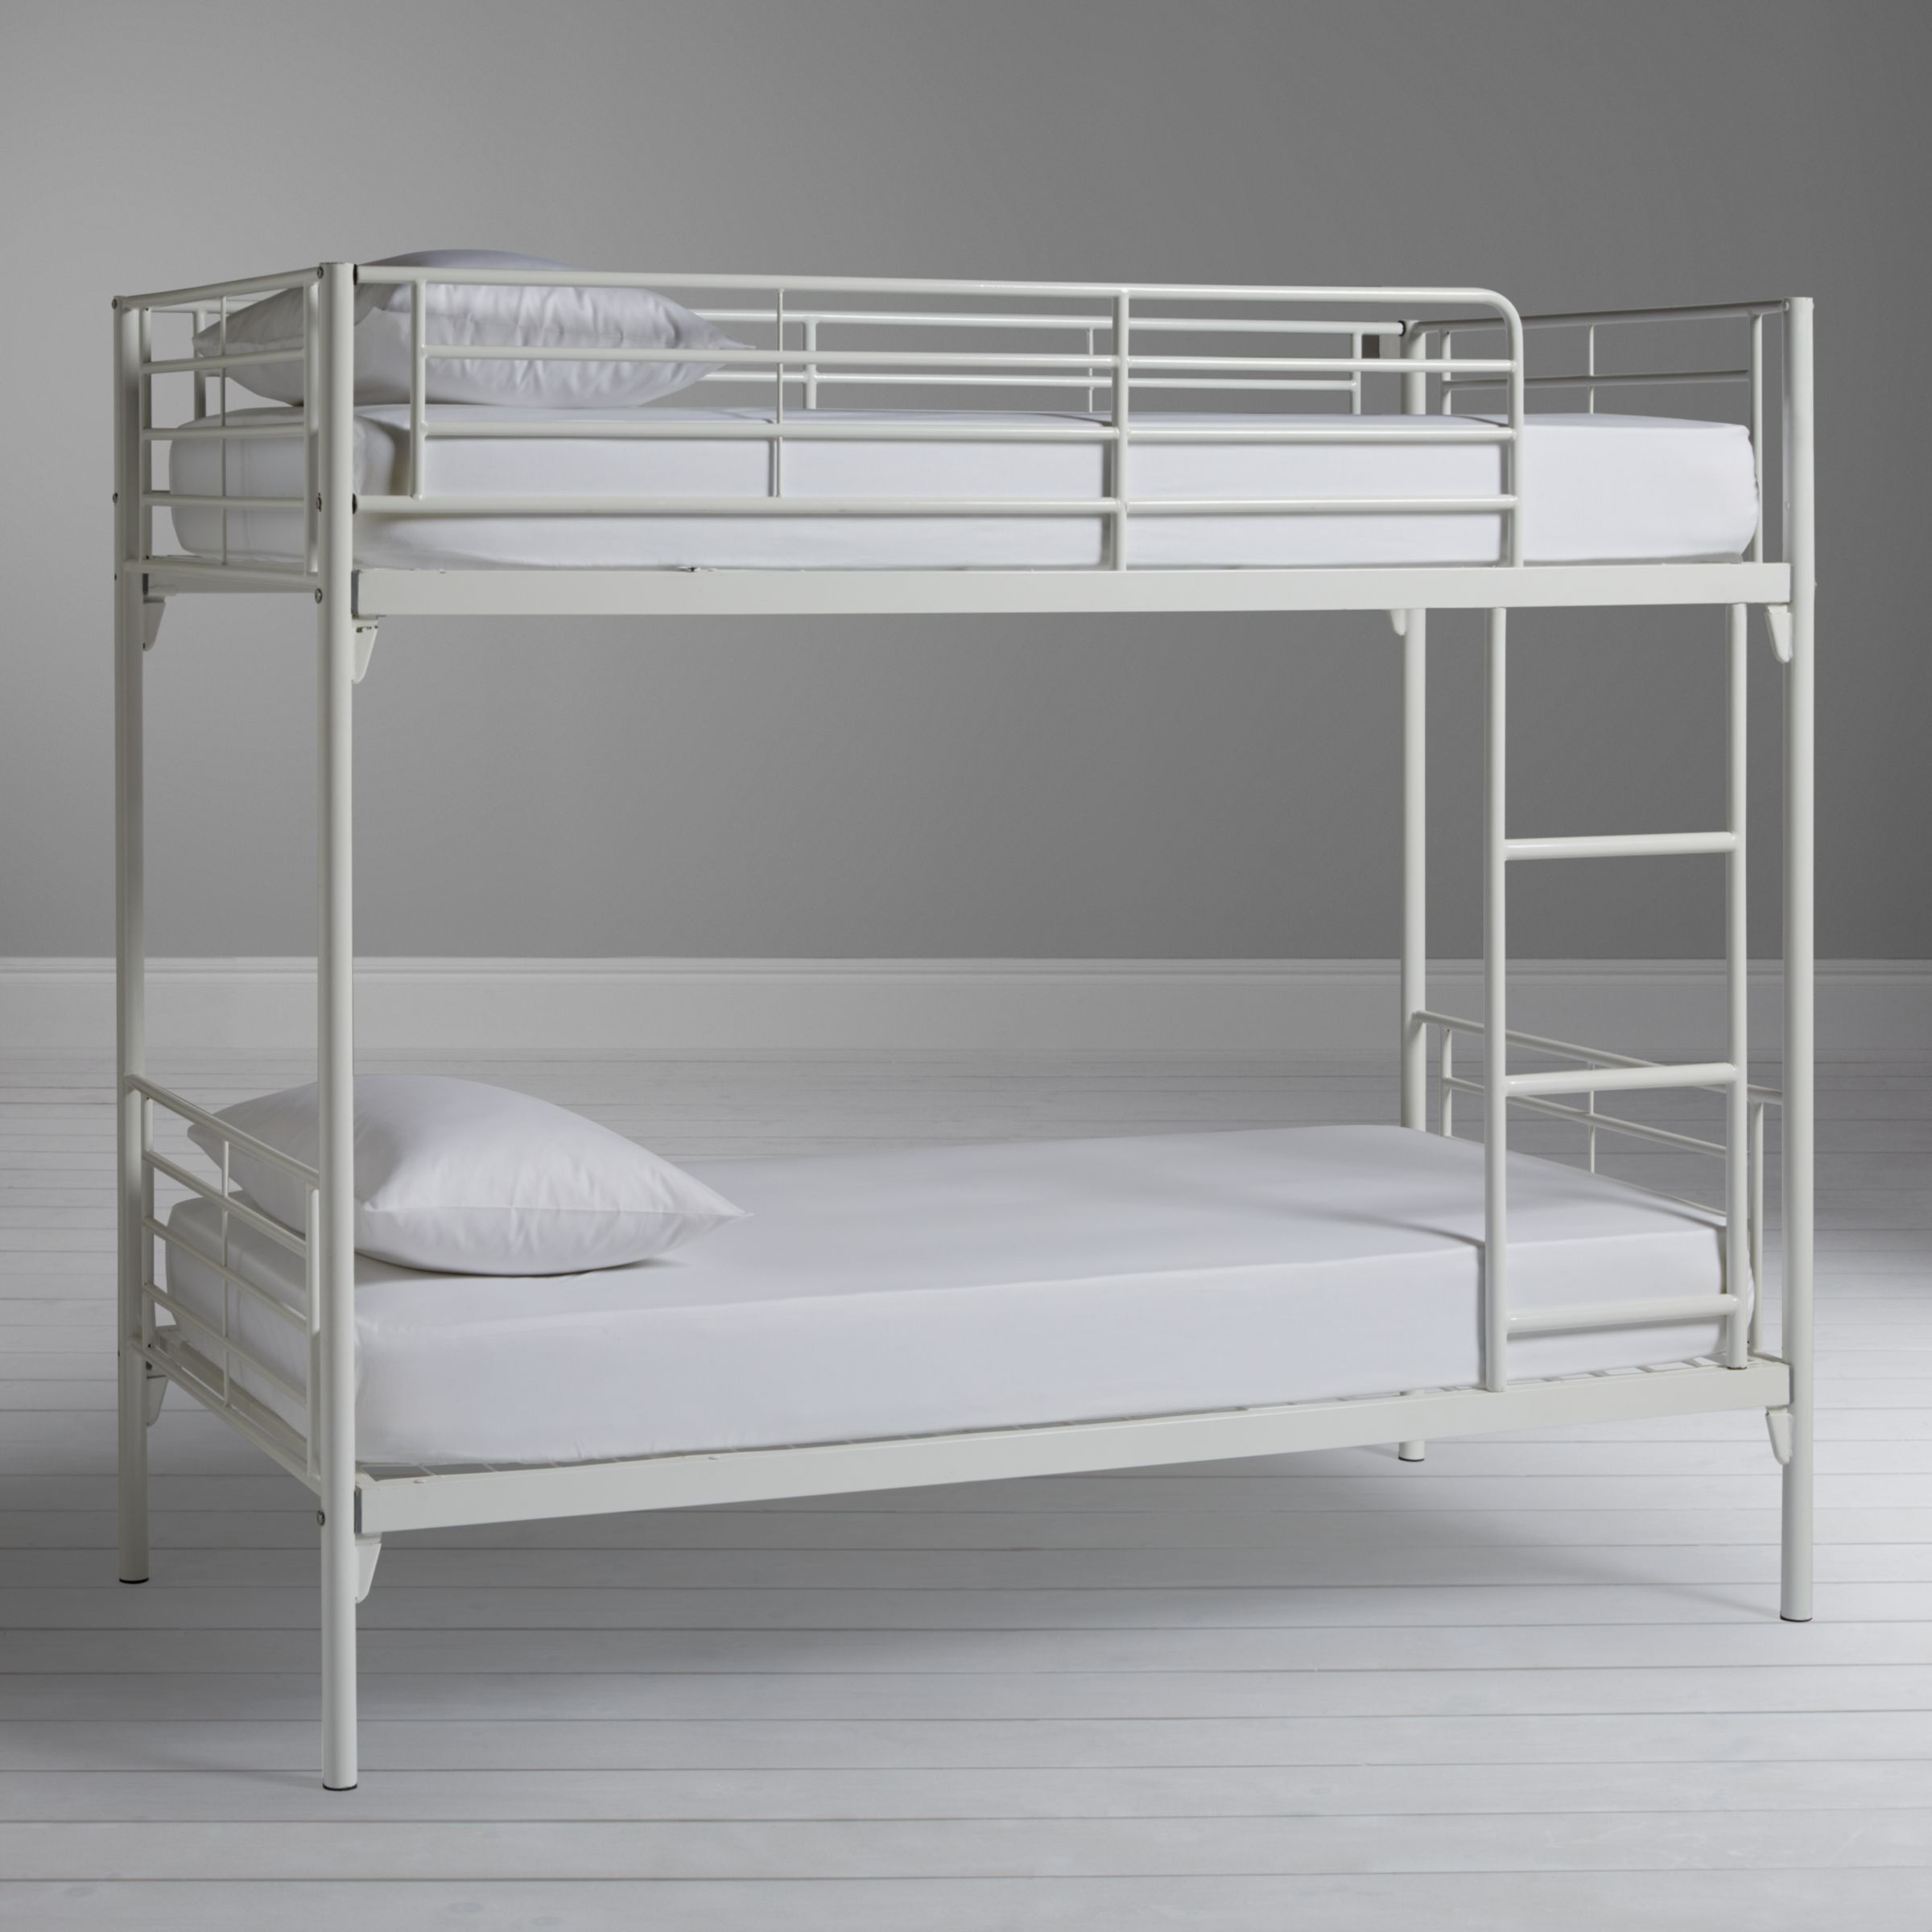 Silentnight Oscar Metal Bunk Bed White At John Lewis Partners